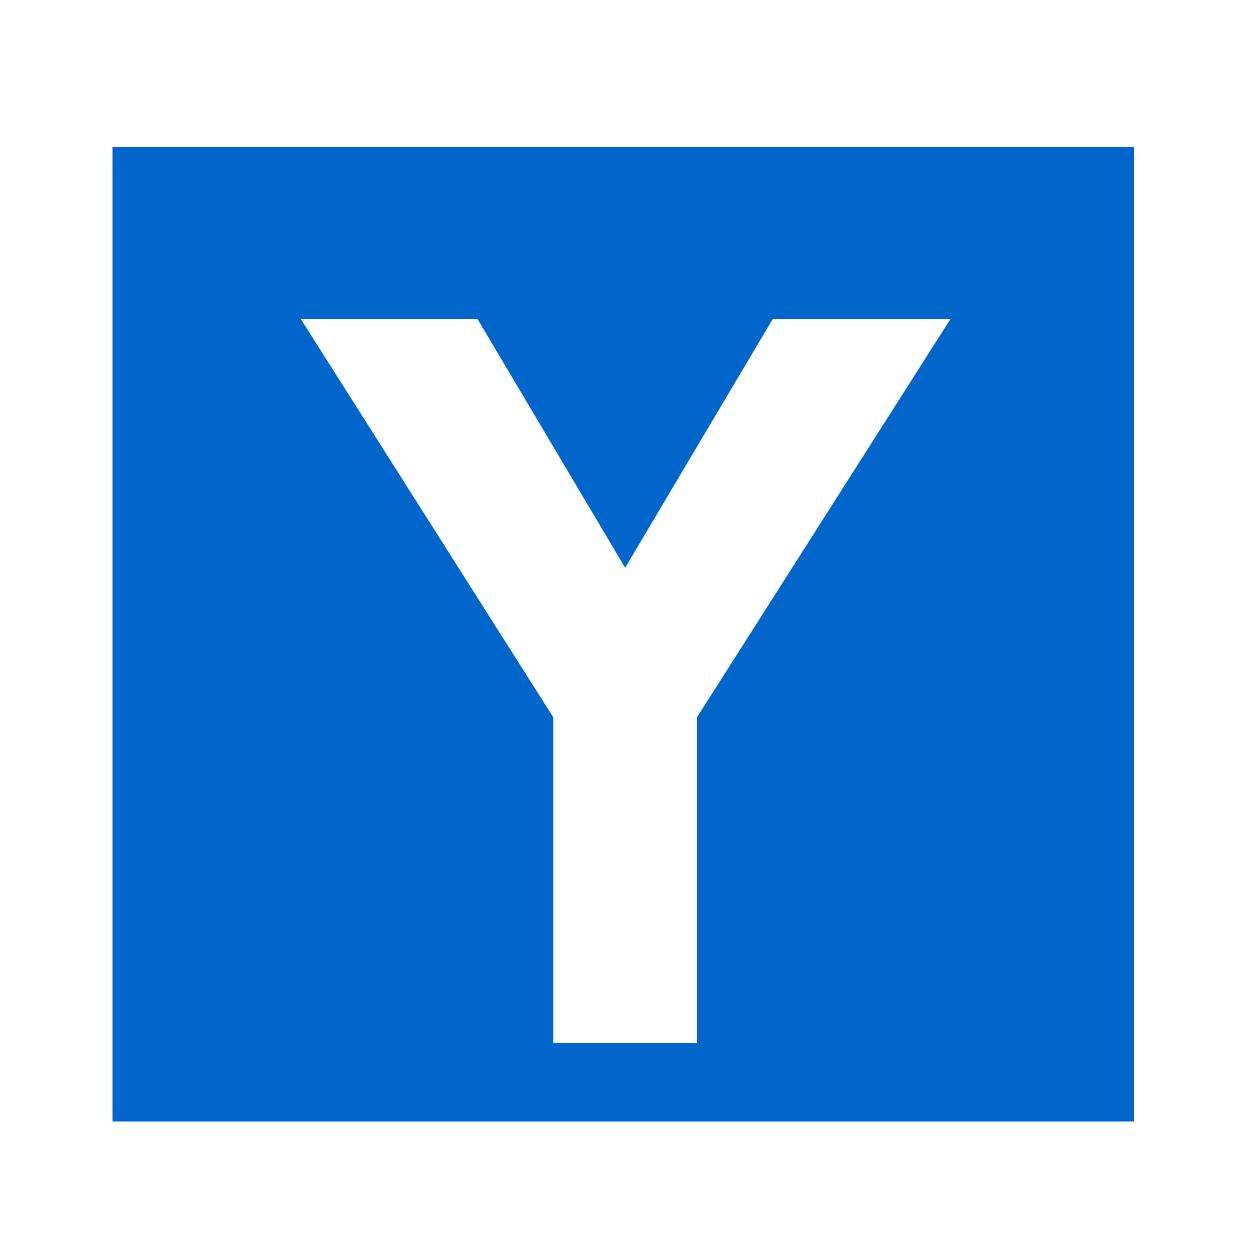 Yesbil